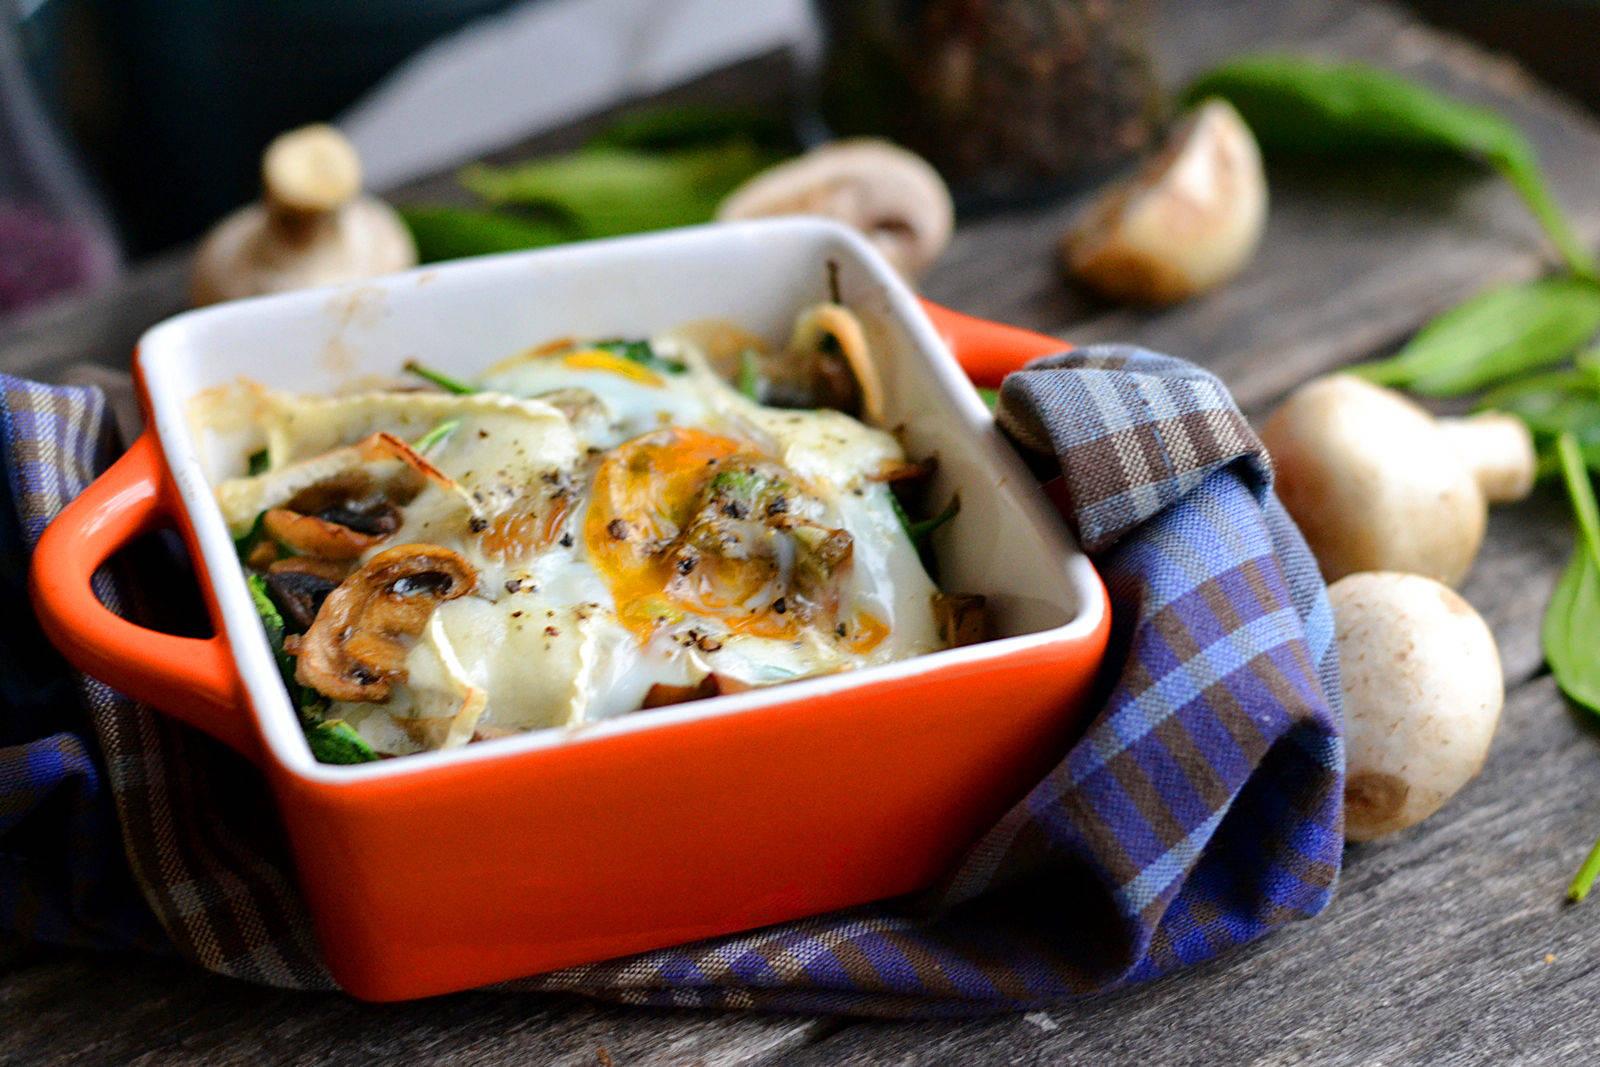 Spenótos-gombás tojás sütőben sütve recept főfotó